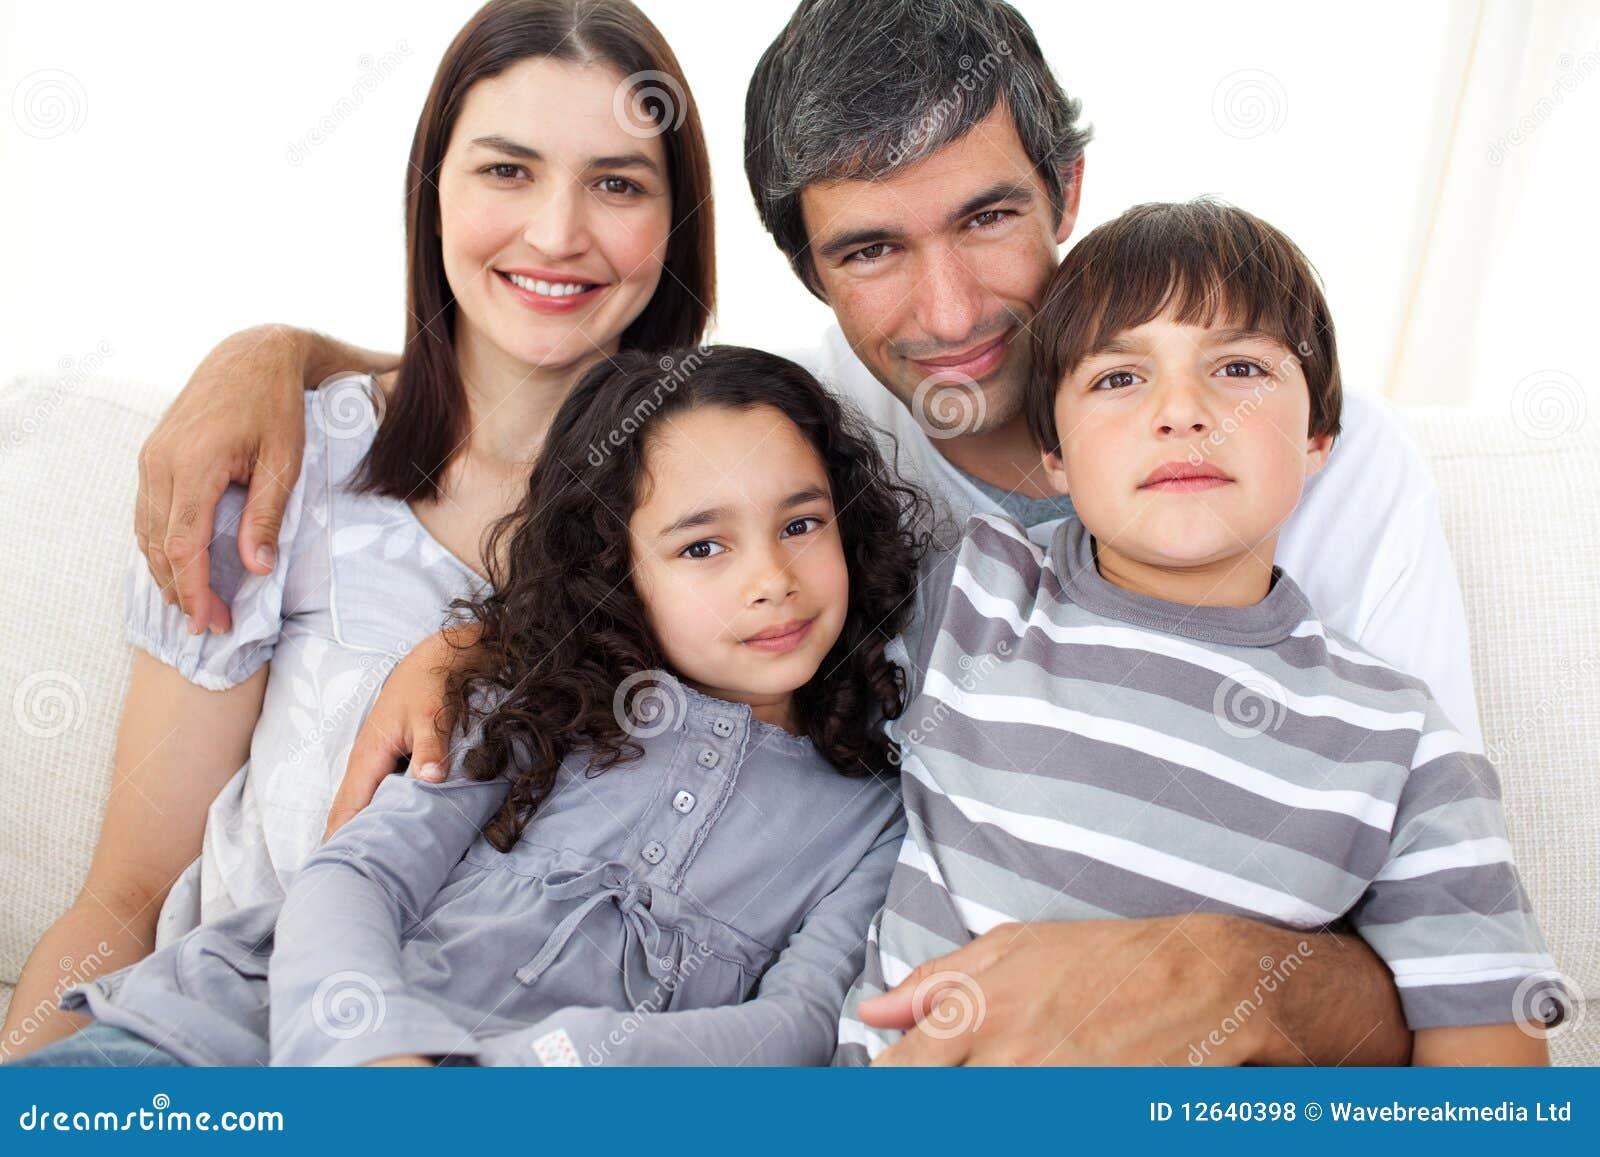 Portrait einer liebevollen Familie, die auf einem Sofa sitzt